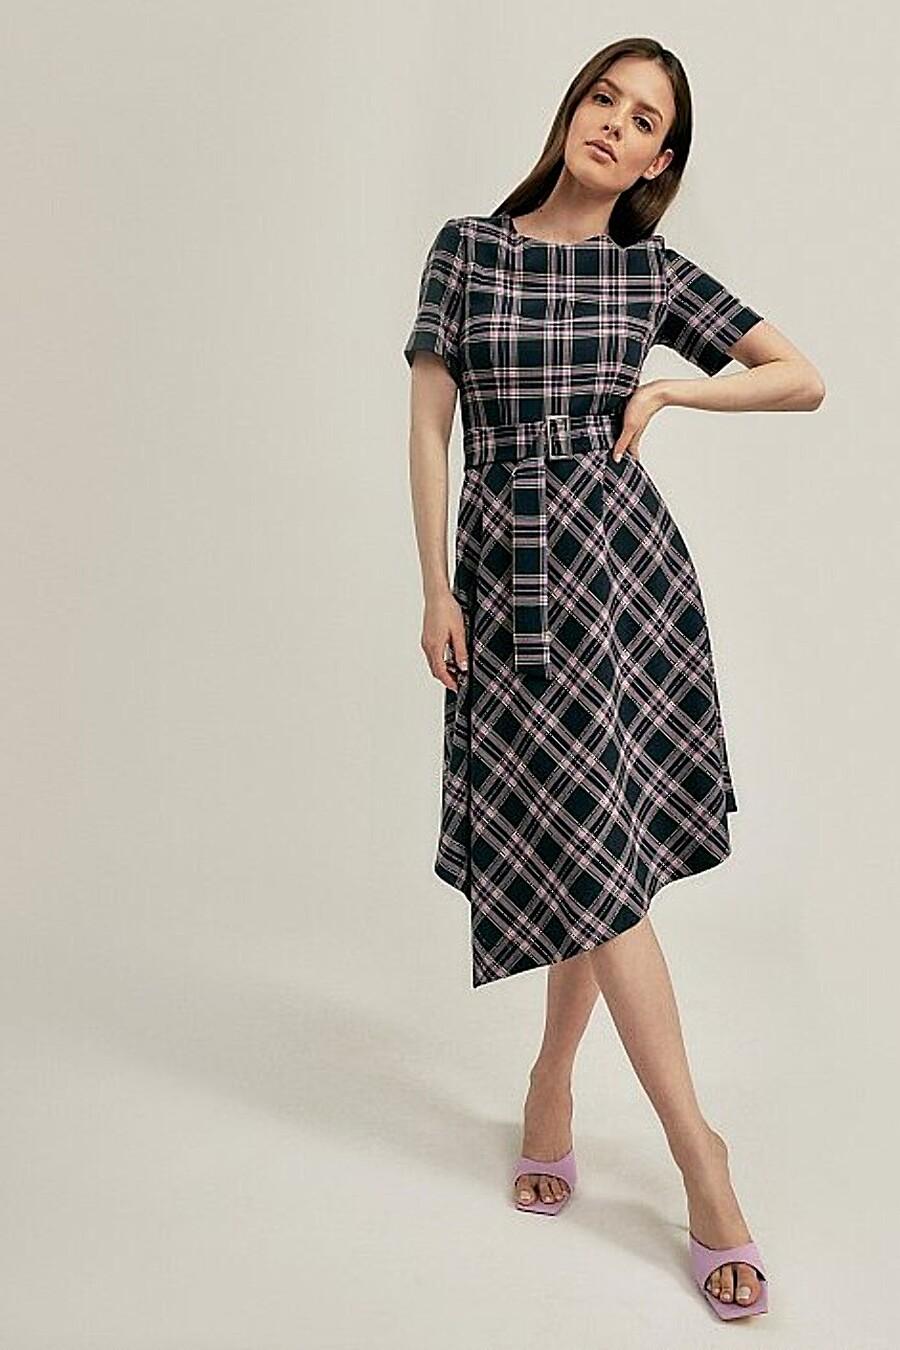 Платье для женщин CALISTA 348445 купить оптом от производителя. Совместная покупка женской одежды в OptMoyo